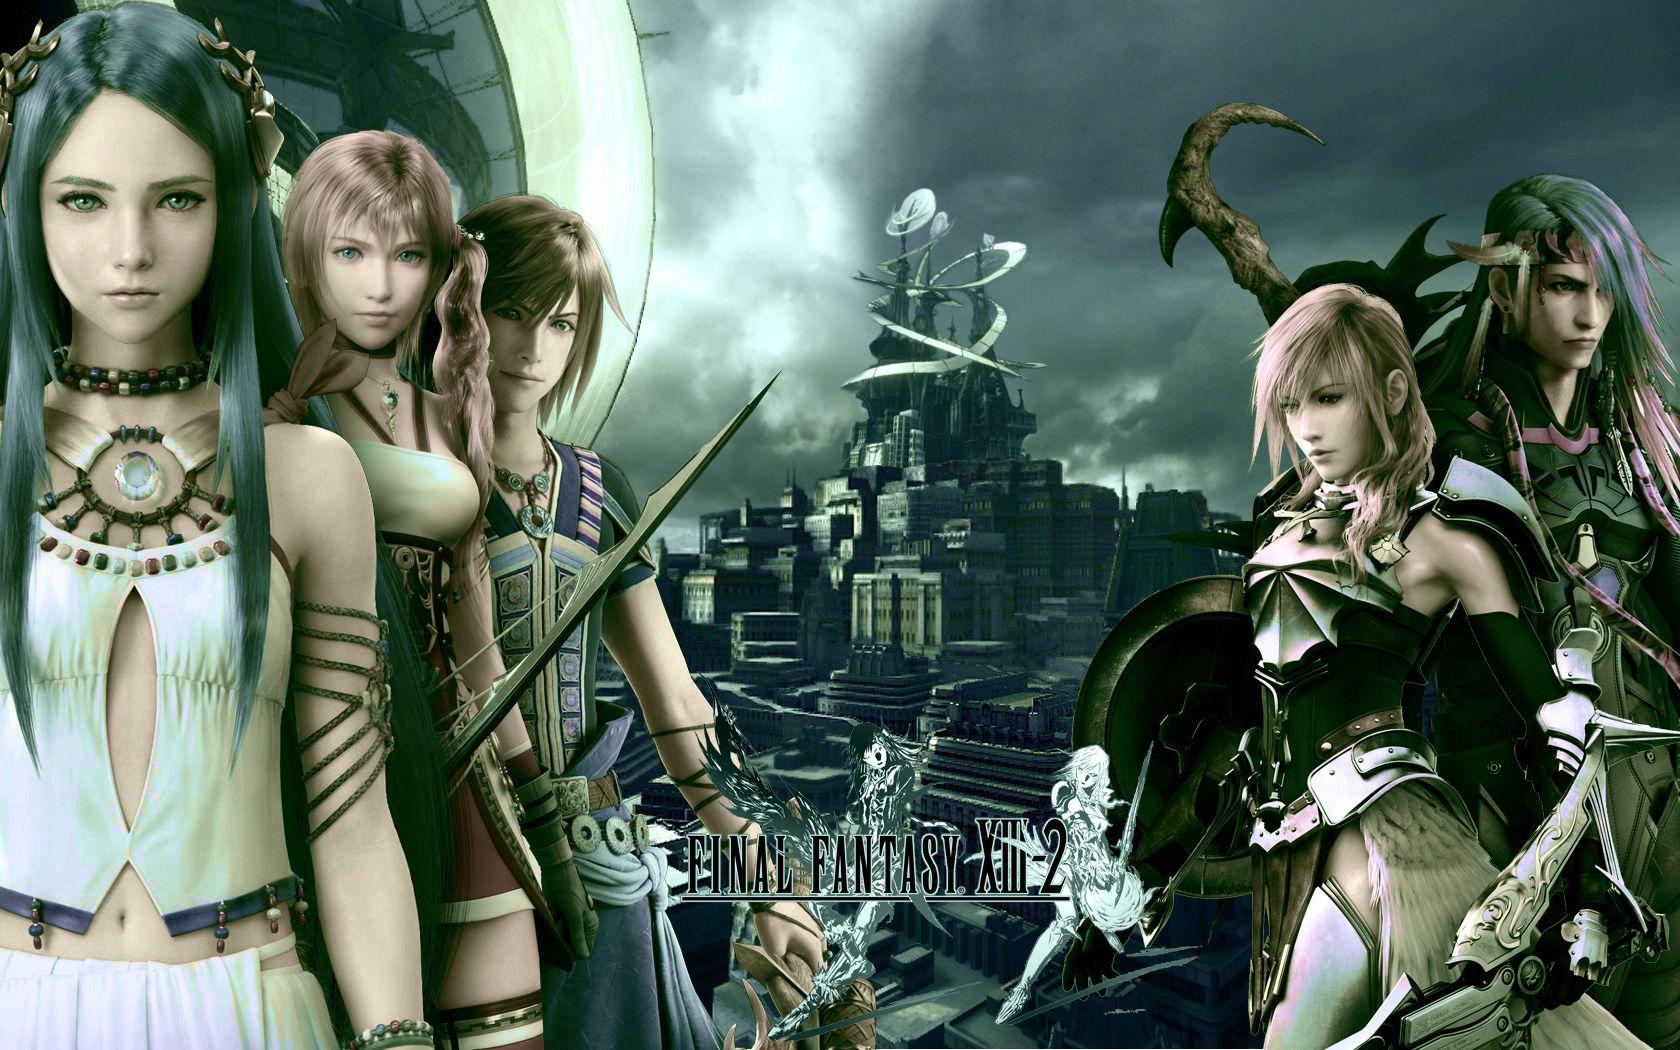 Tags Final Fantasy Xiii Wallpaper Serah Farron Lightning